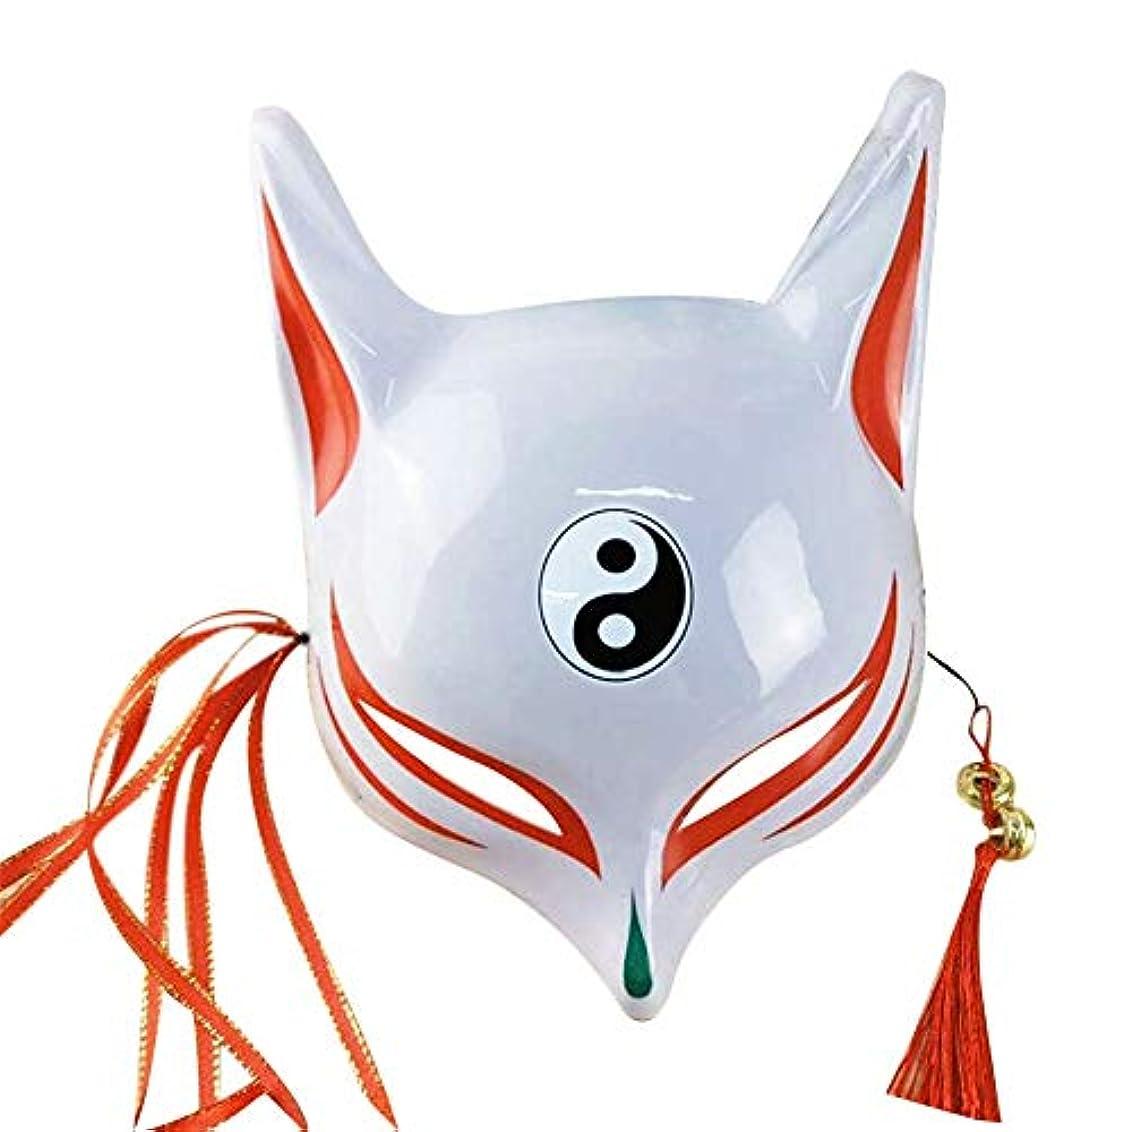 コロニー予防接種する感覚Esolomフォックスハーフフェイスマスク手描きのマスク ロールプレイ仮装ドレスアップ マスクバーパーティー キツネの妖精の半分の顔 和風の手描き